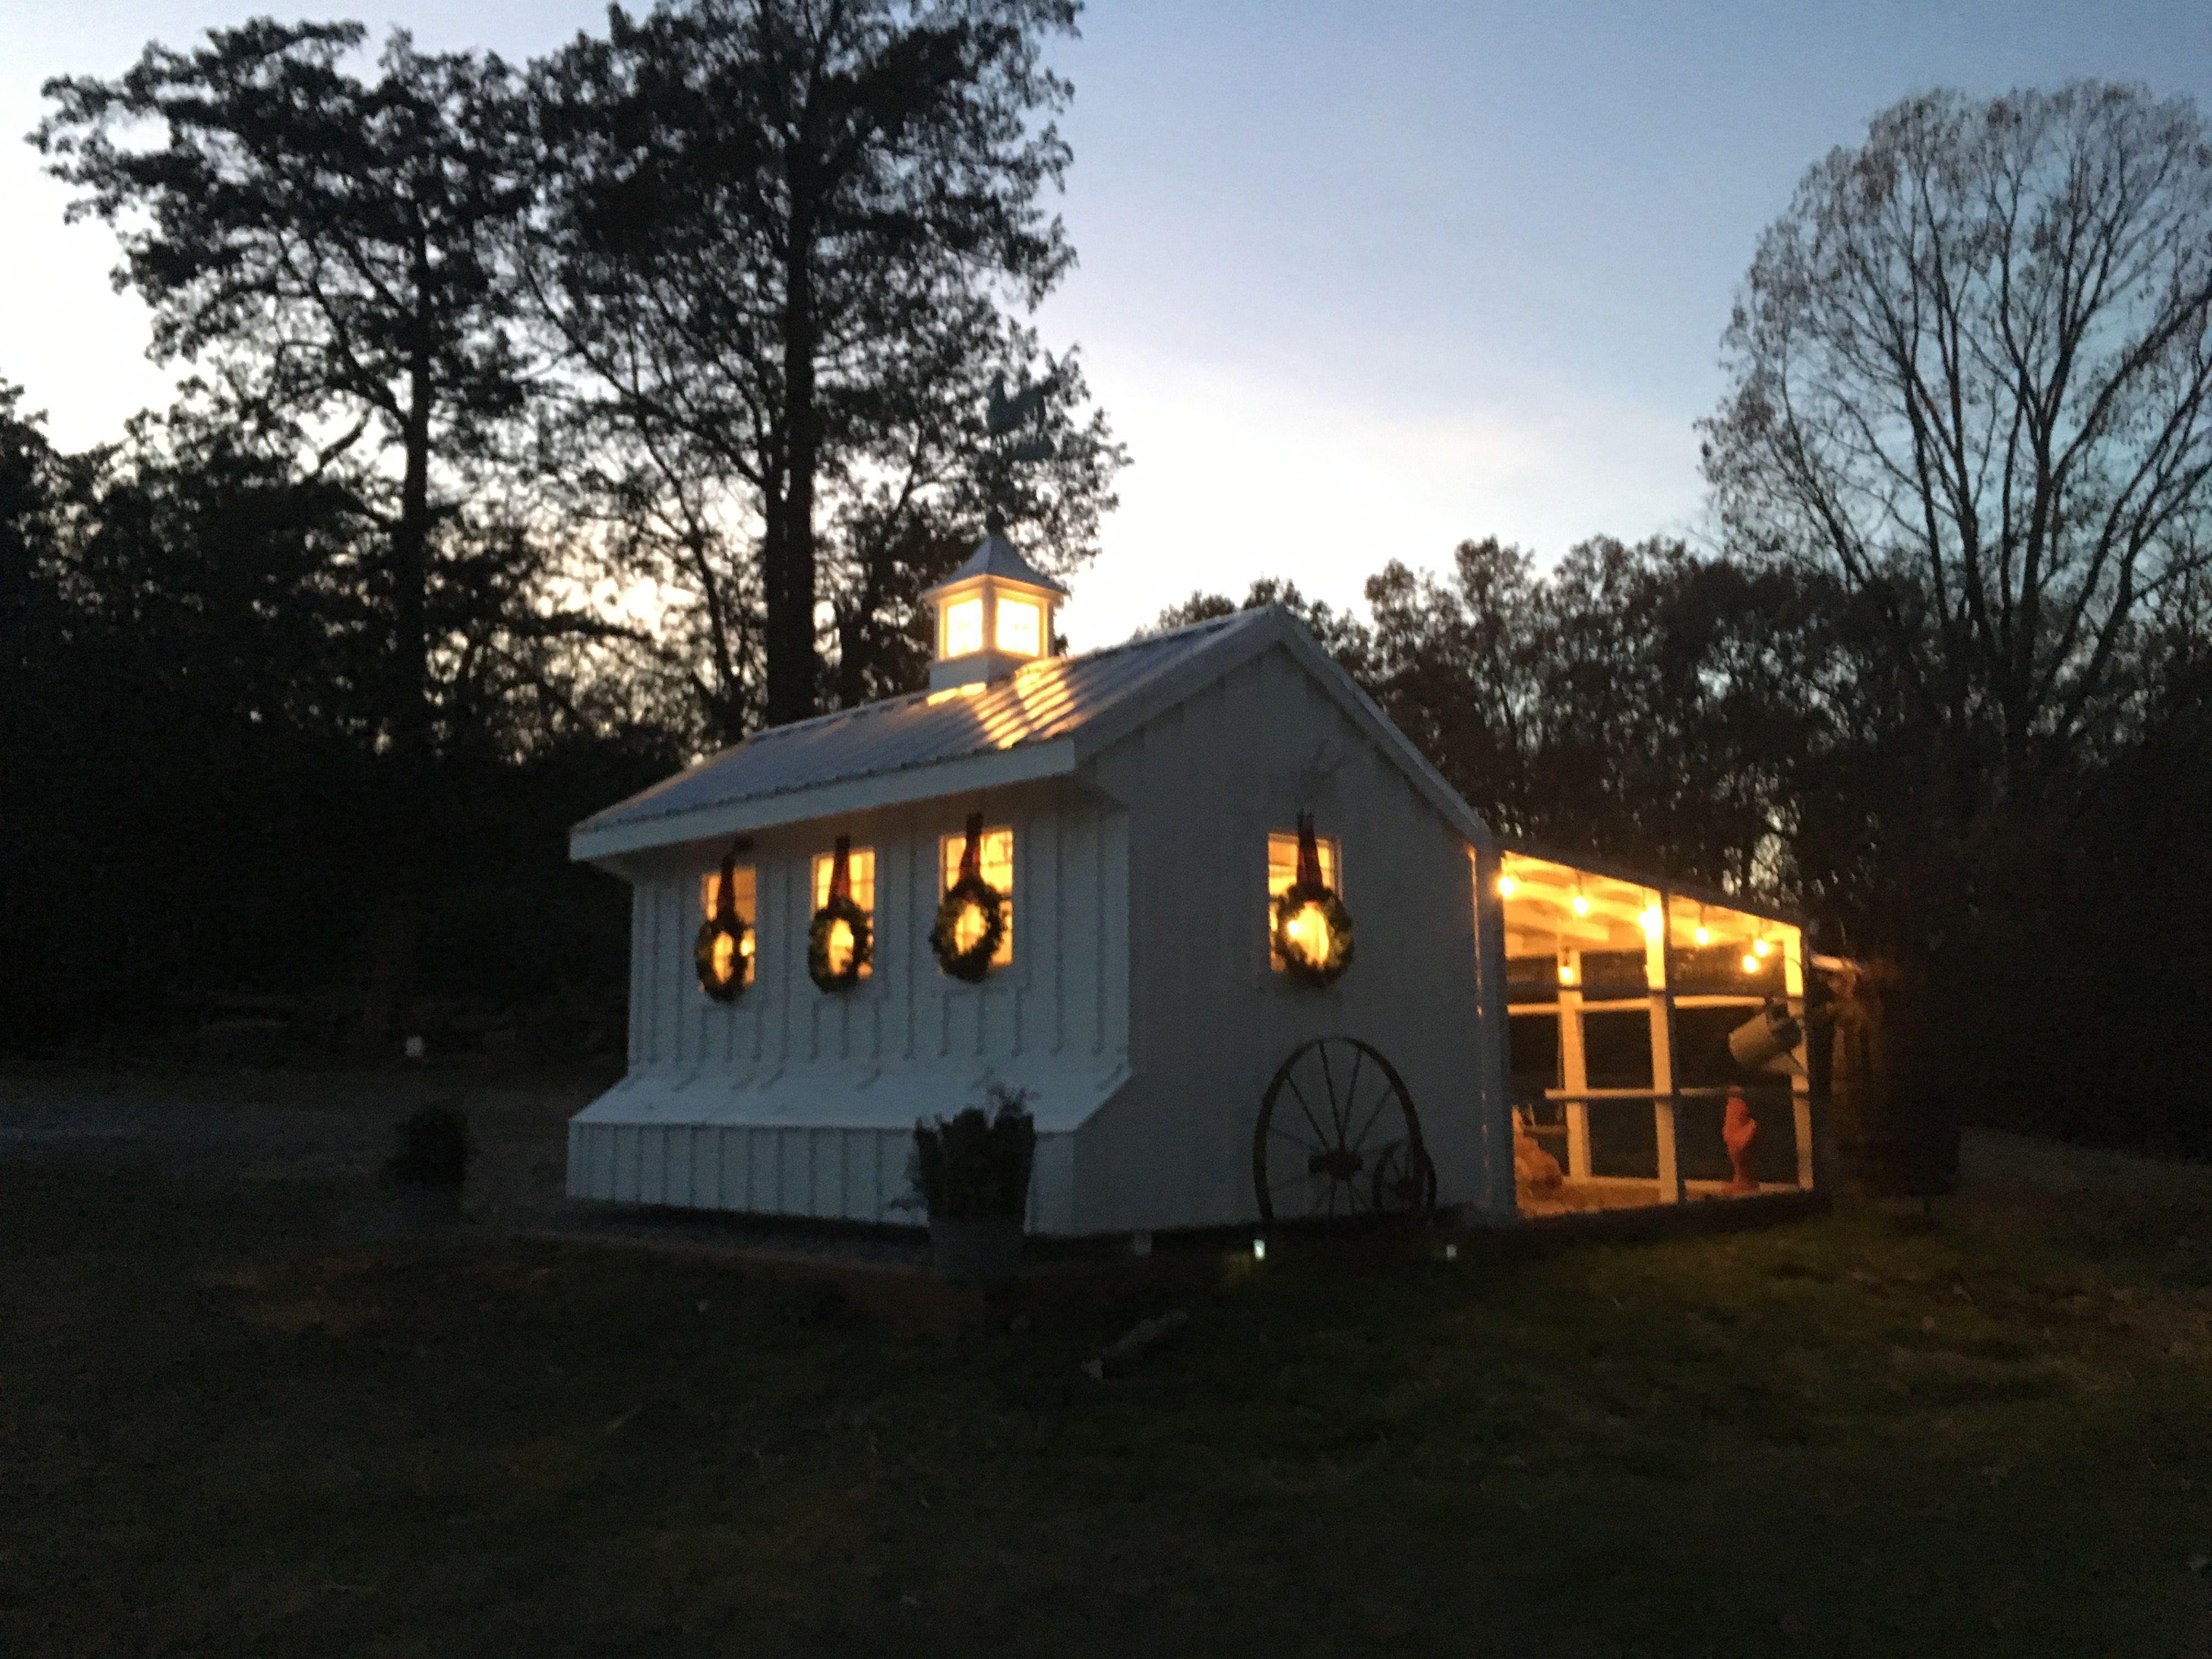 Lights On My Chicken Coop Smuckers Cluckers Smucker Farms Tn Nolensville Chicken Coop Coop House Styles